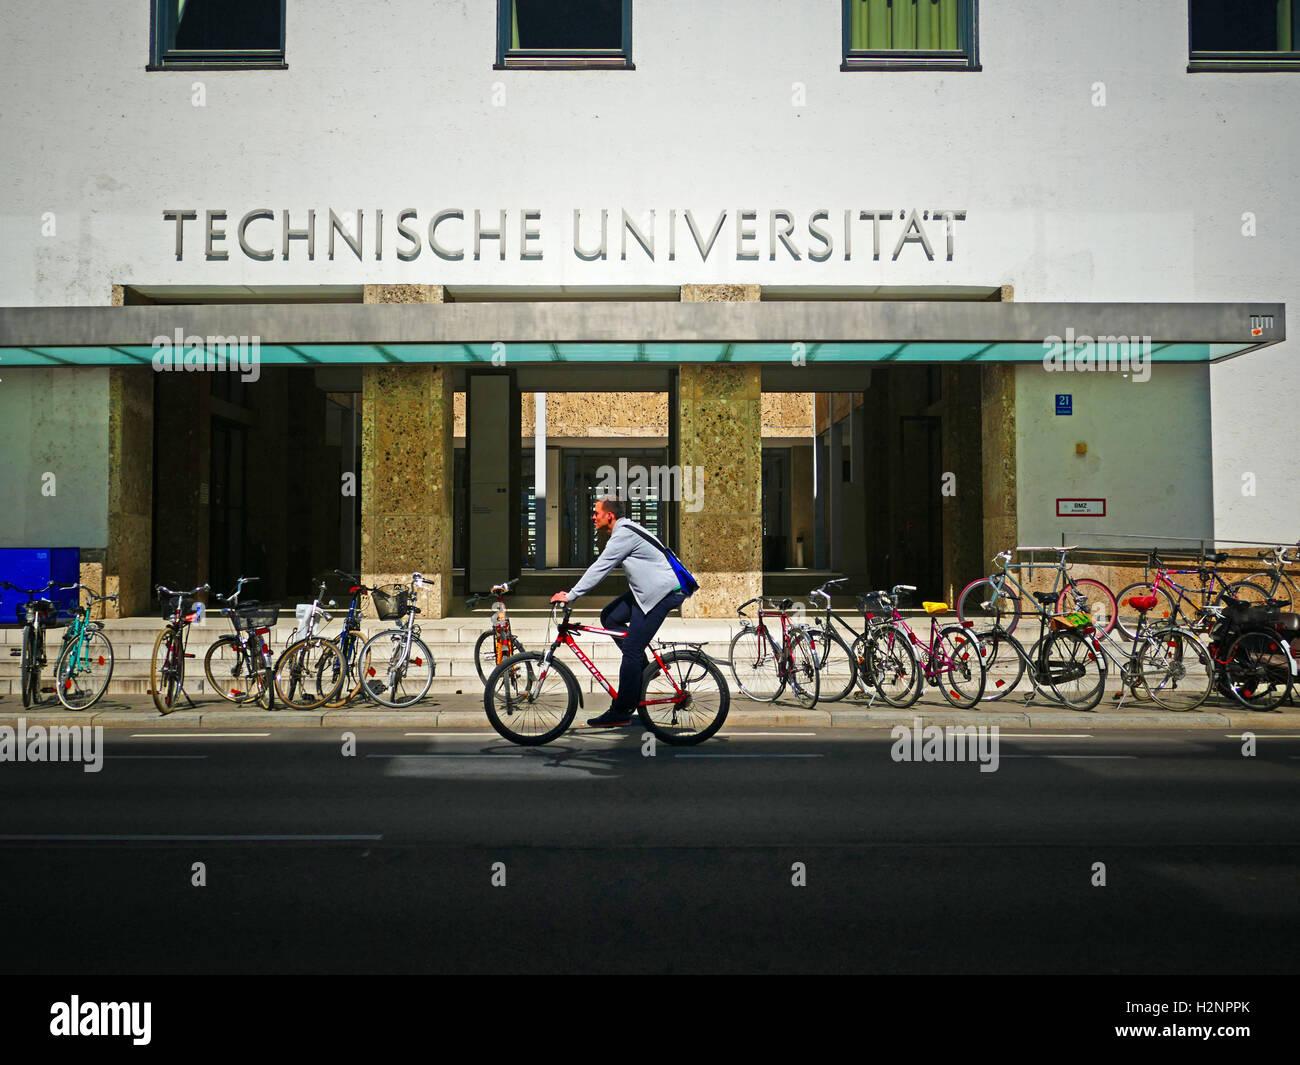 Europa Deutschland München technische Universität München Stockfoto